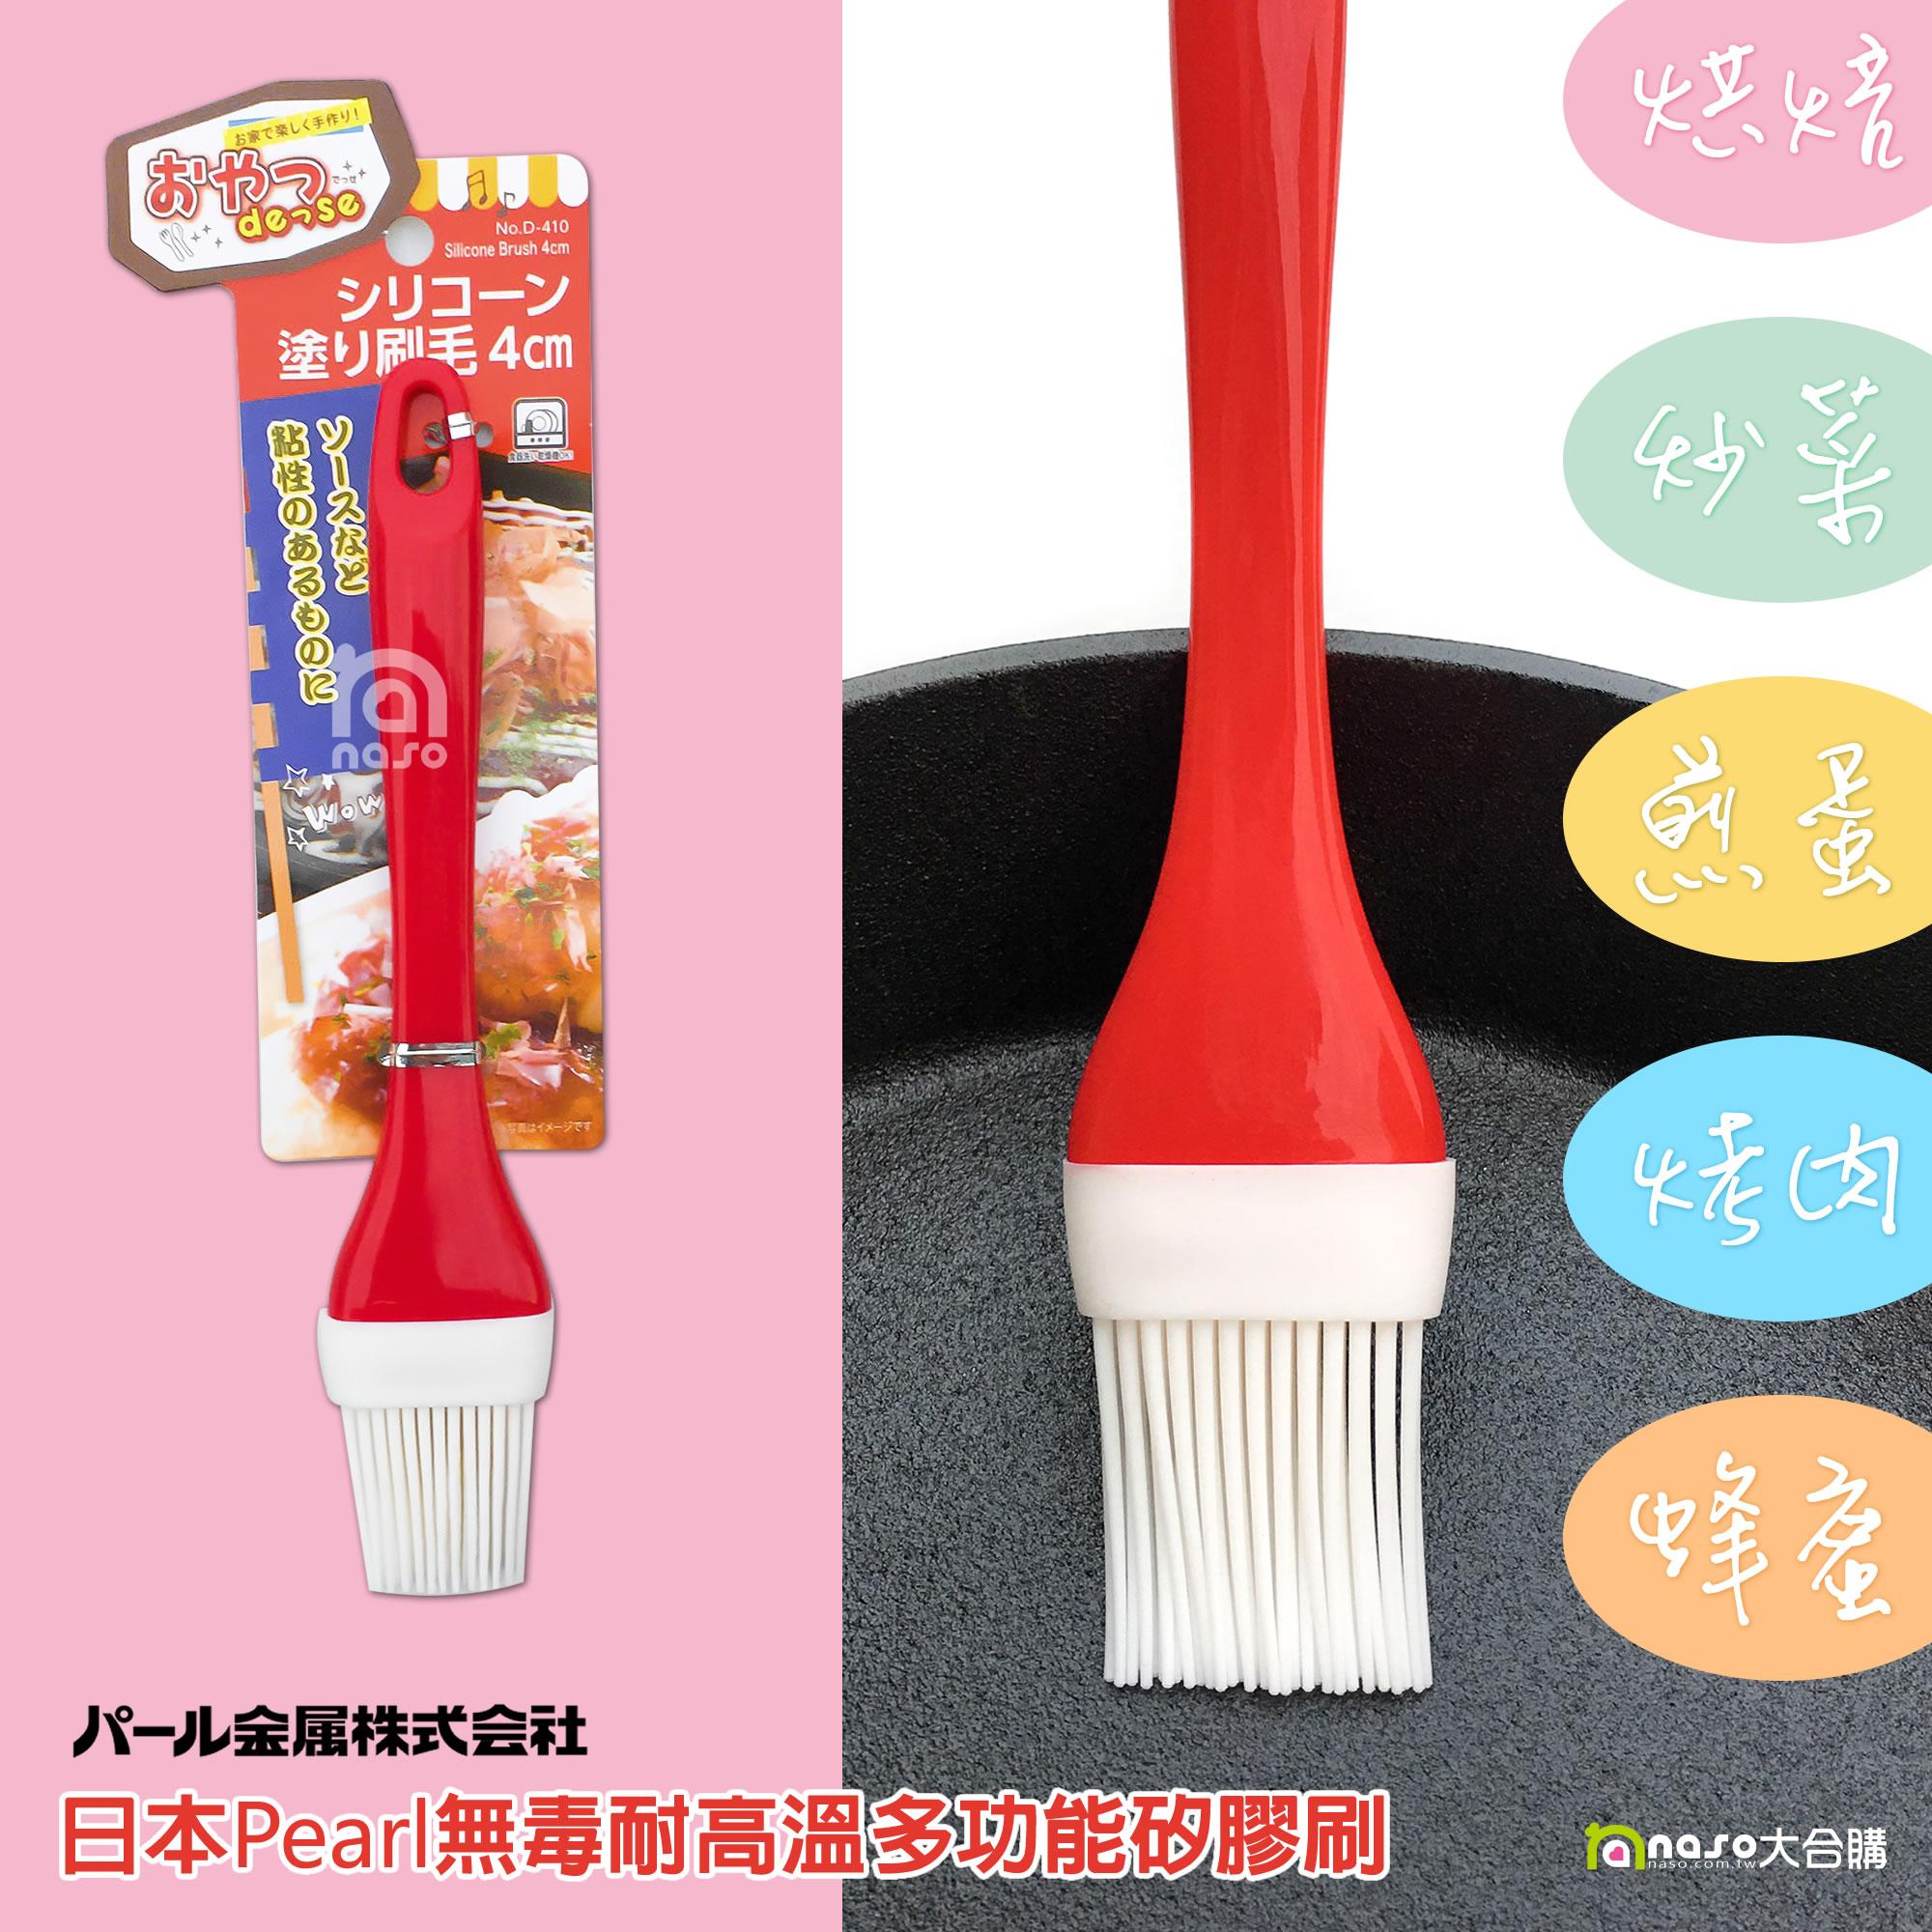 日本Pearl無毒耐高溫多功能矽膠刷(環保、無毒、健康、好清洗) 好評第2團